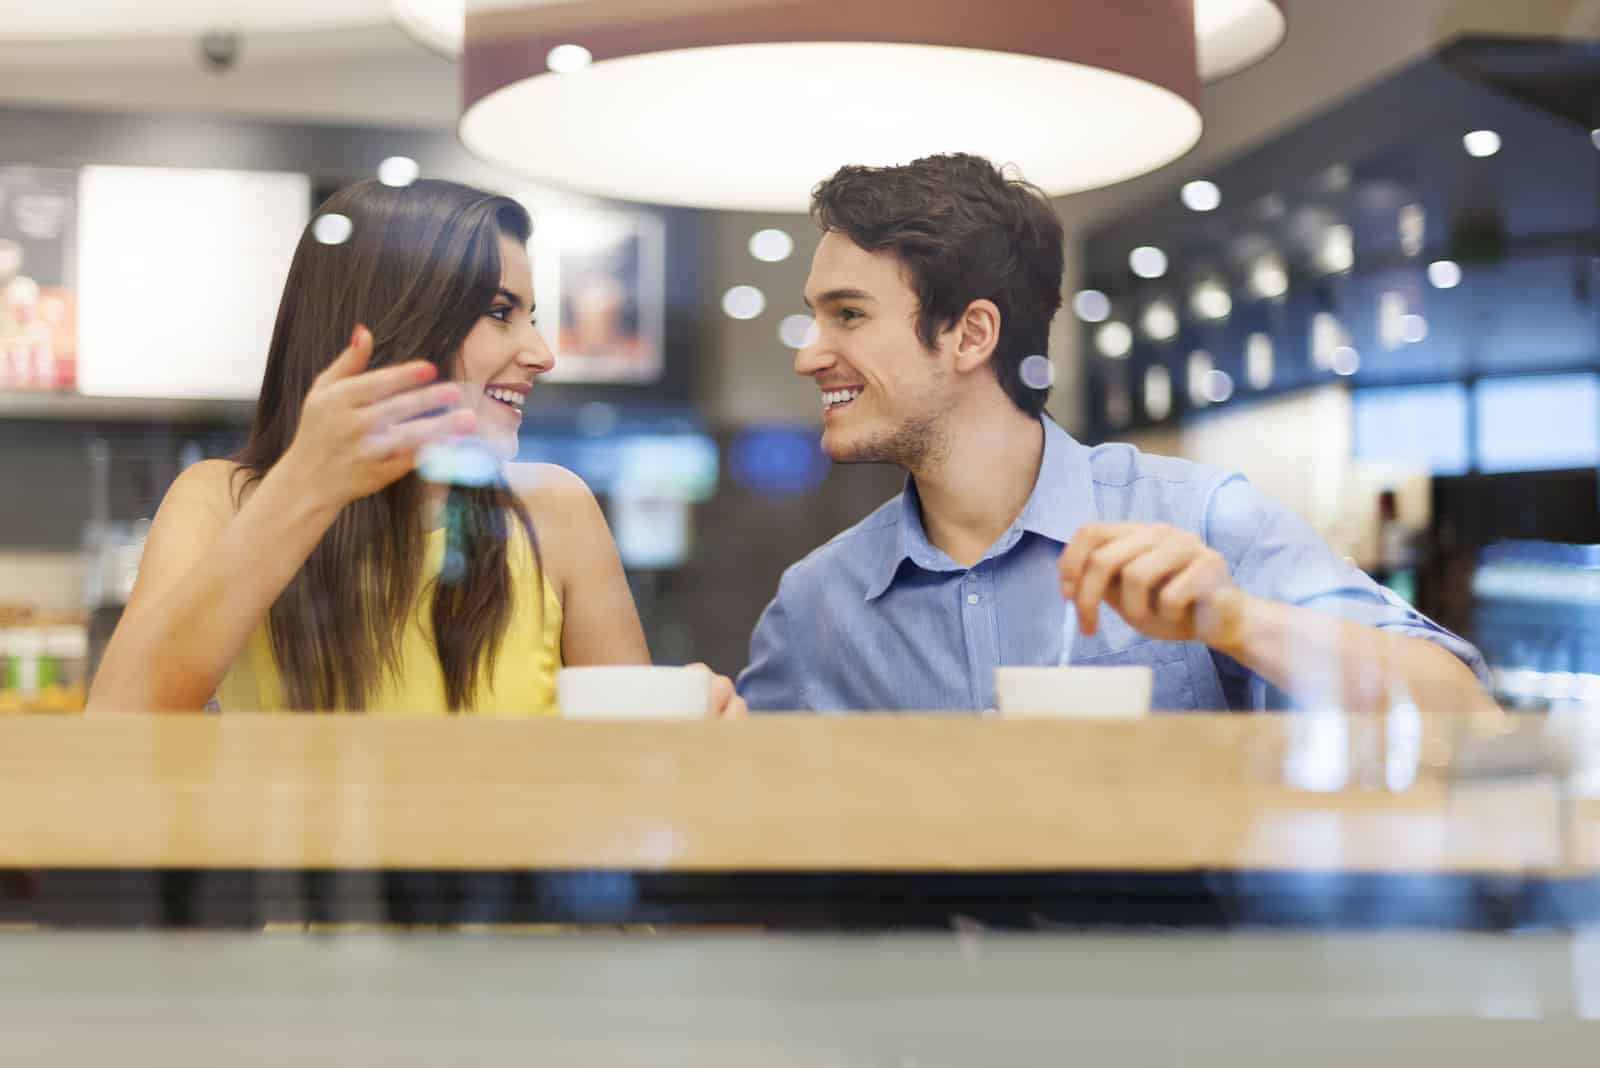 un homme et une femme sont assis dans un café et parlent